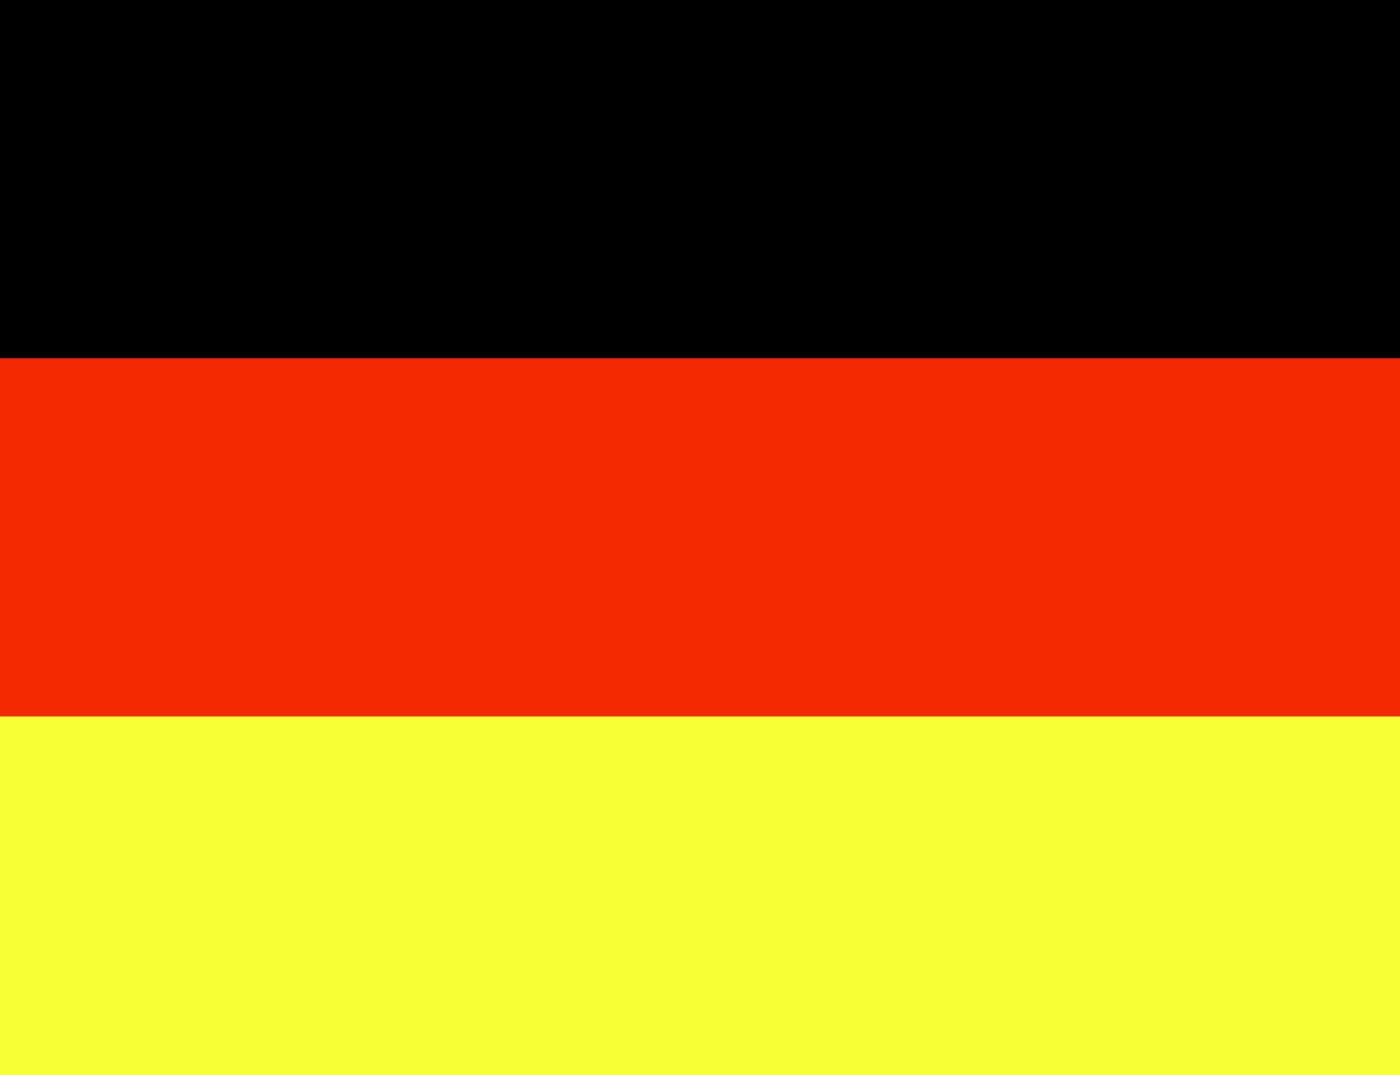 http://3.bp.blogspot.com/-zufOseCOI74/TE2X2X5PY0I/AAAAAAAABlc/alstfOFCK6k/s1600/germany-flag.jpg